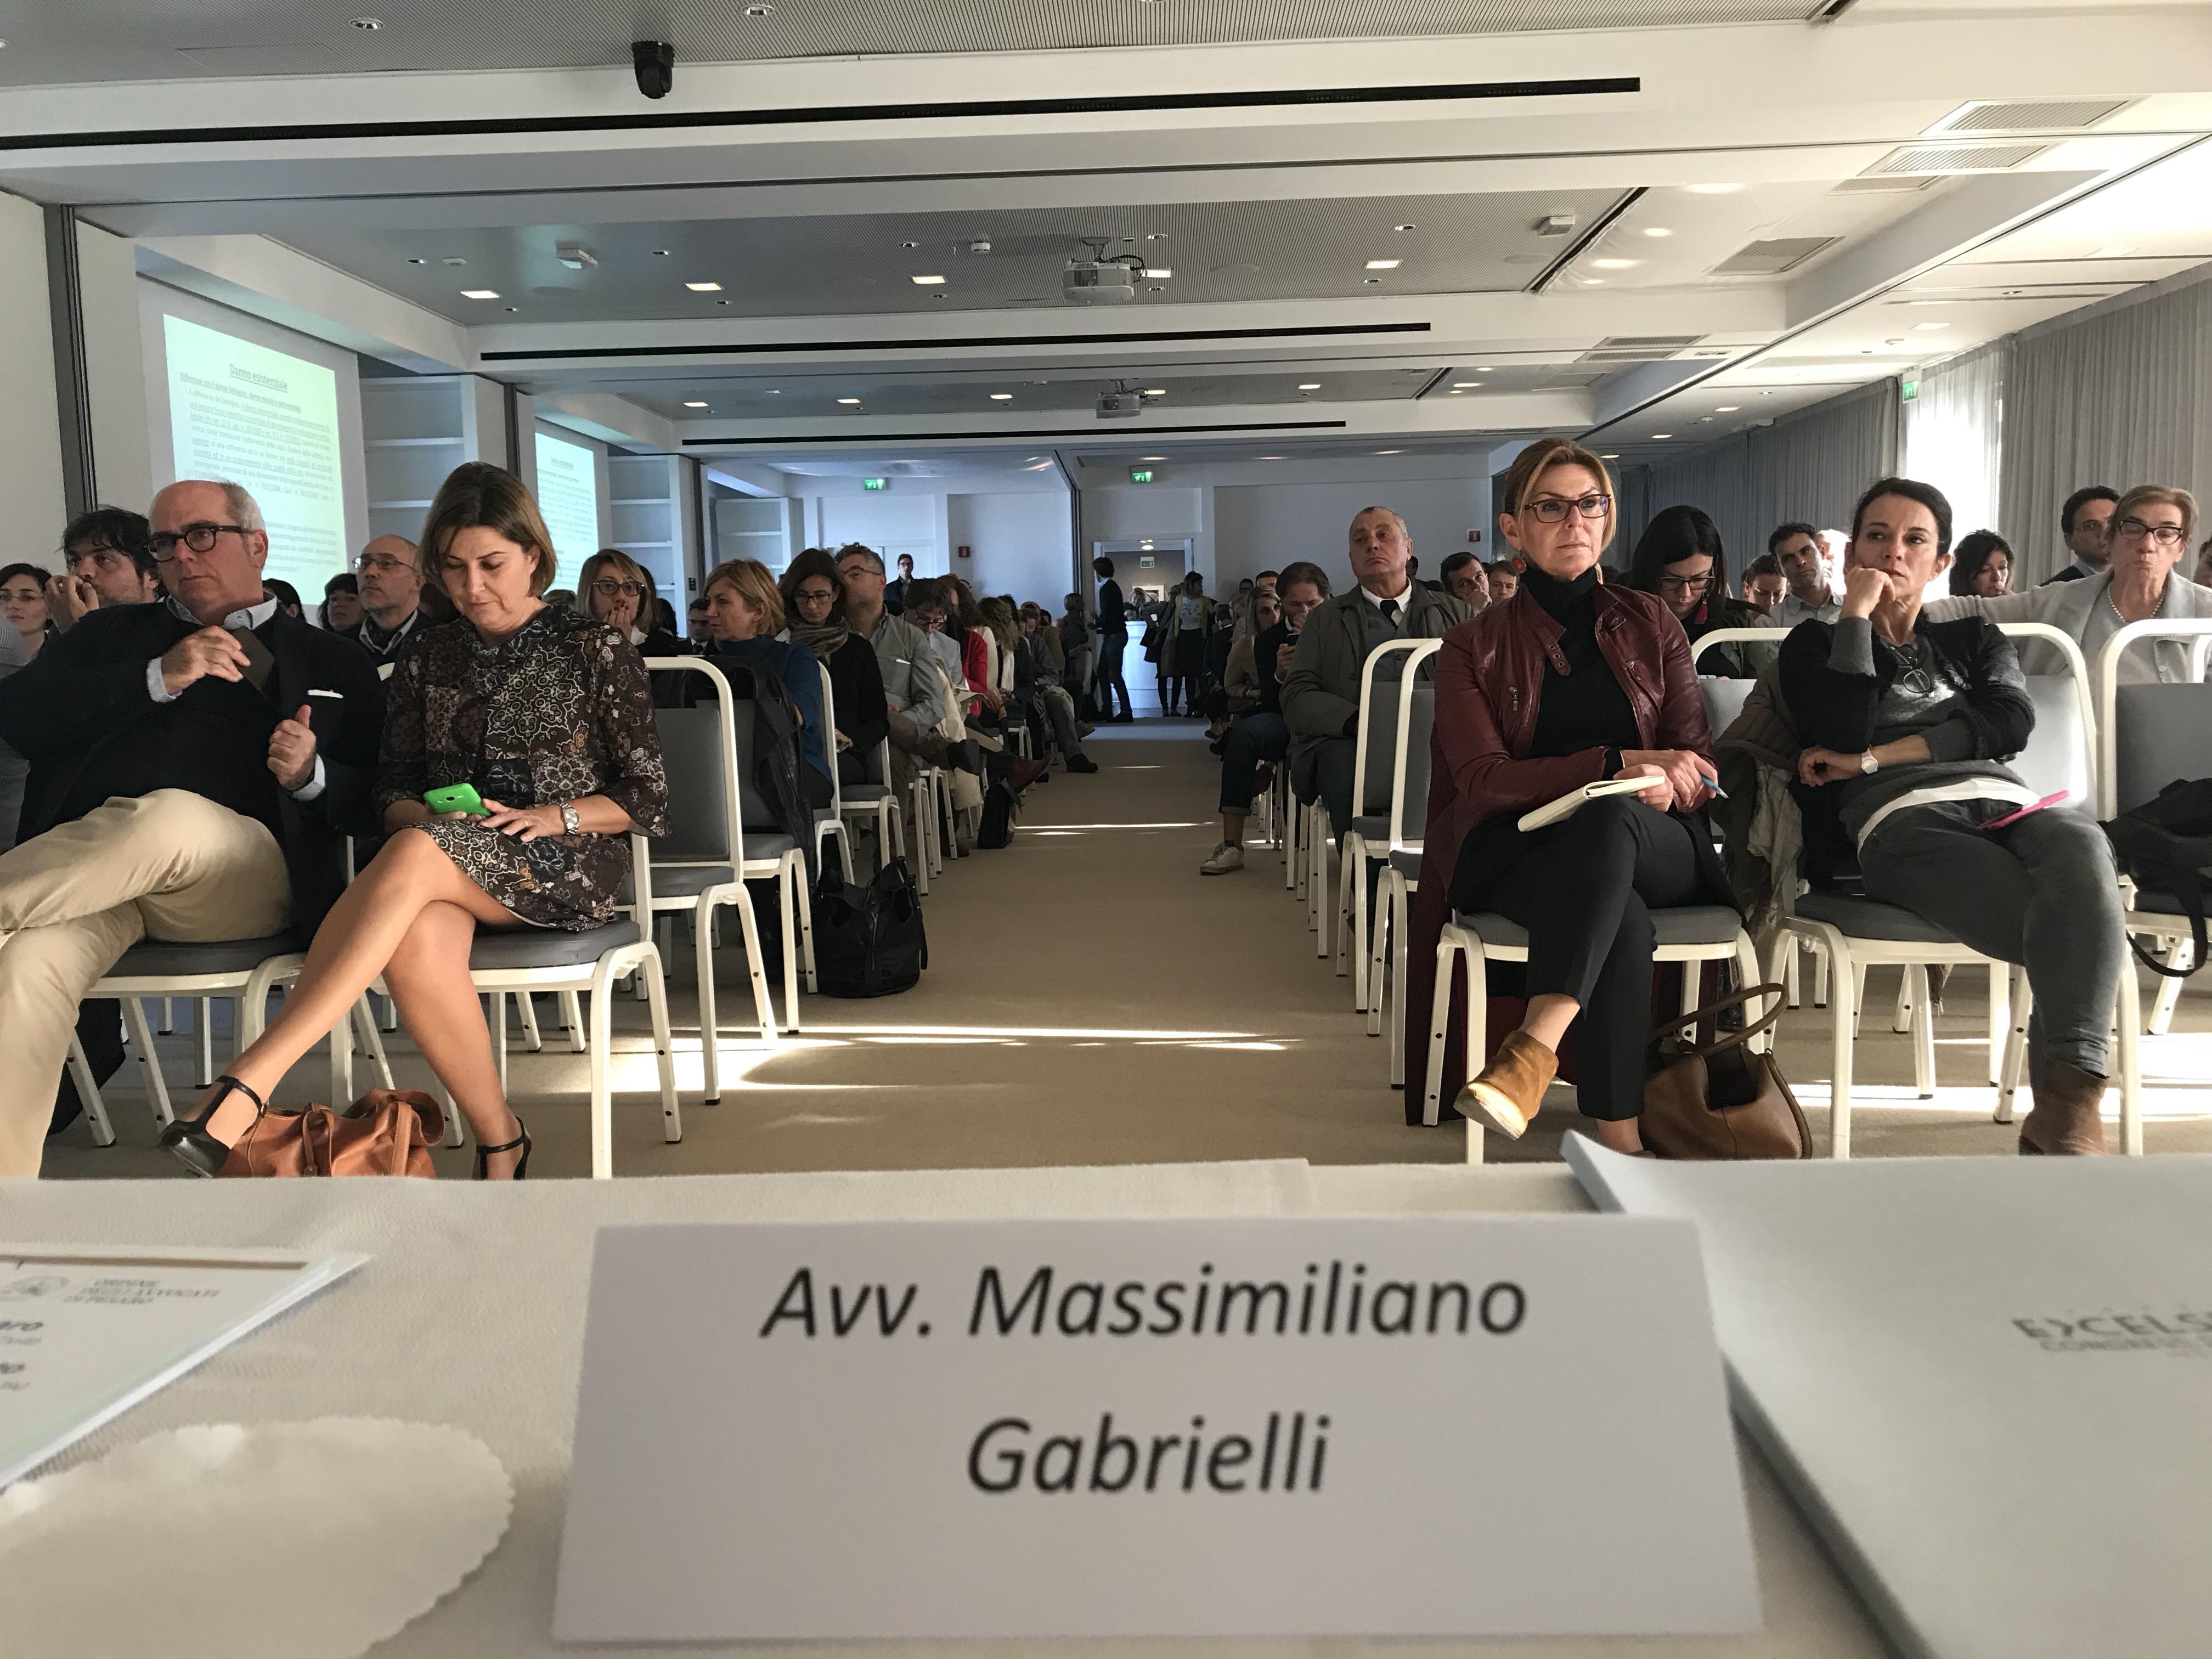 Avv Massimiliano Gabrielli